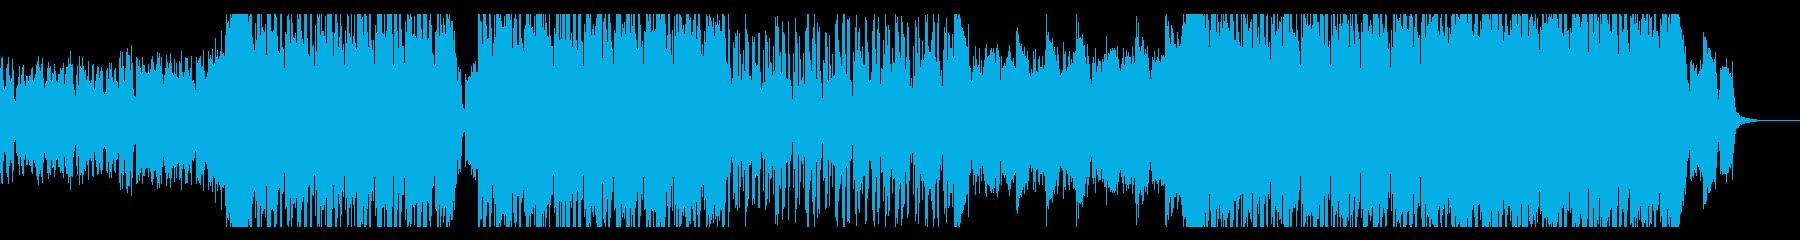 壮大で緊迫感のあるヒップホップの再生済みの波形